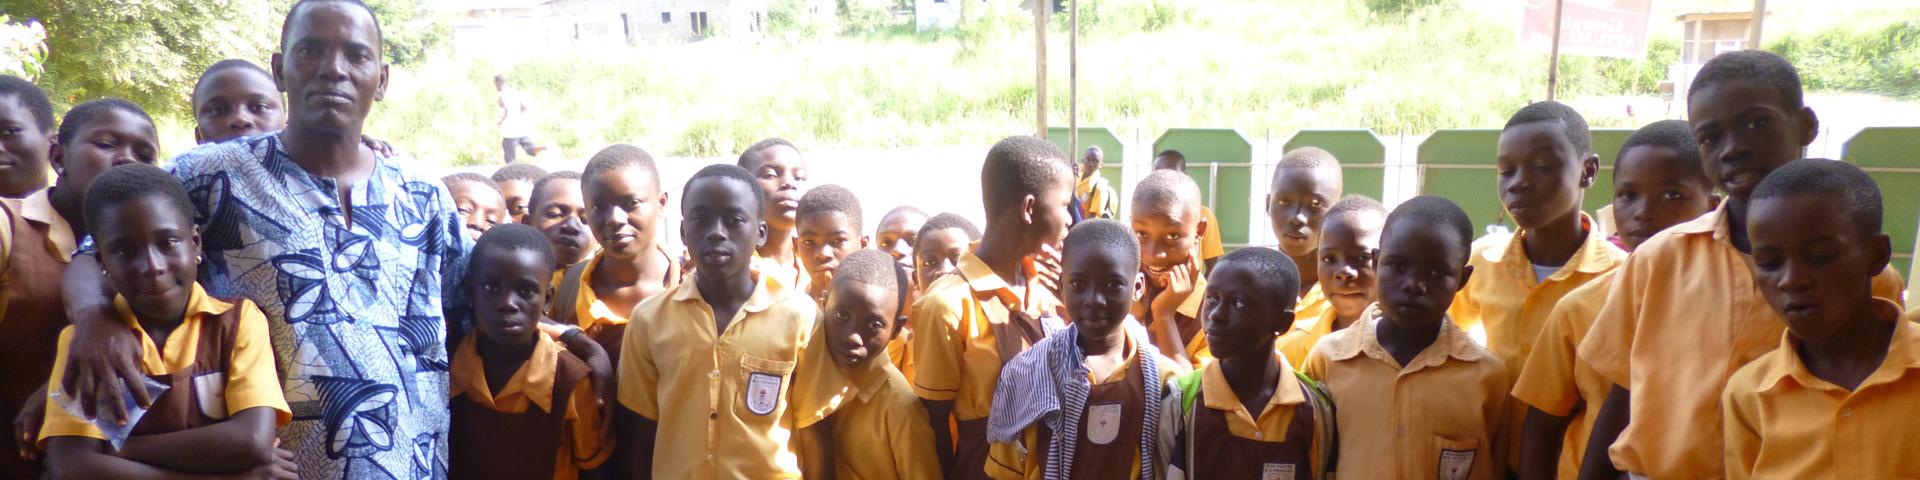 Leerlingen van computerschool in Ghana